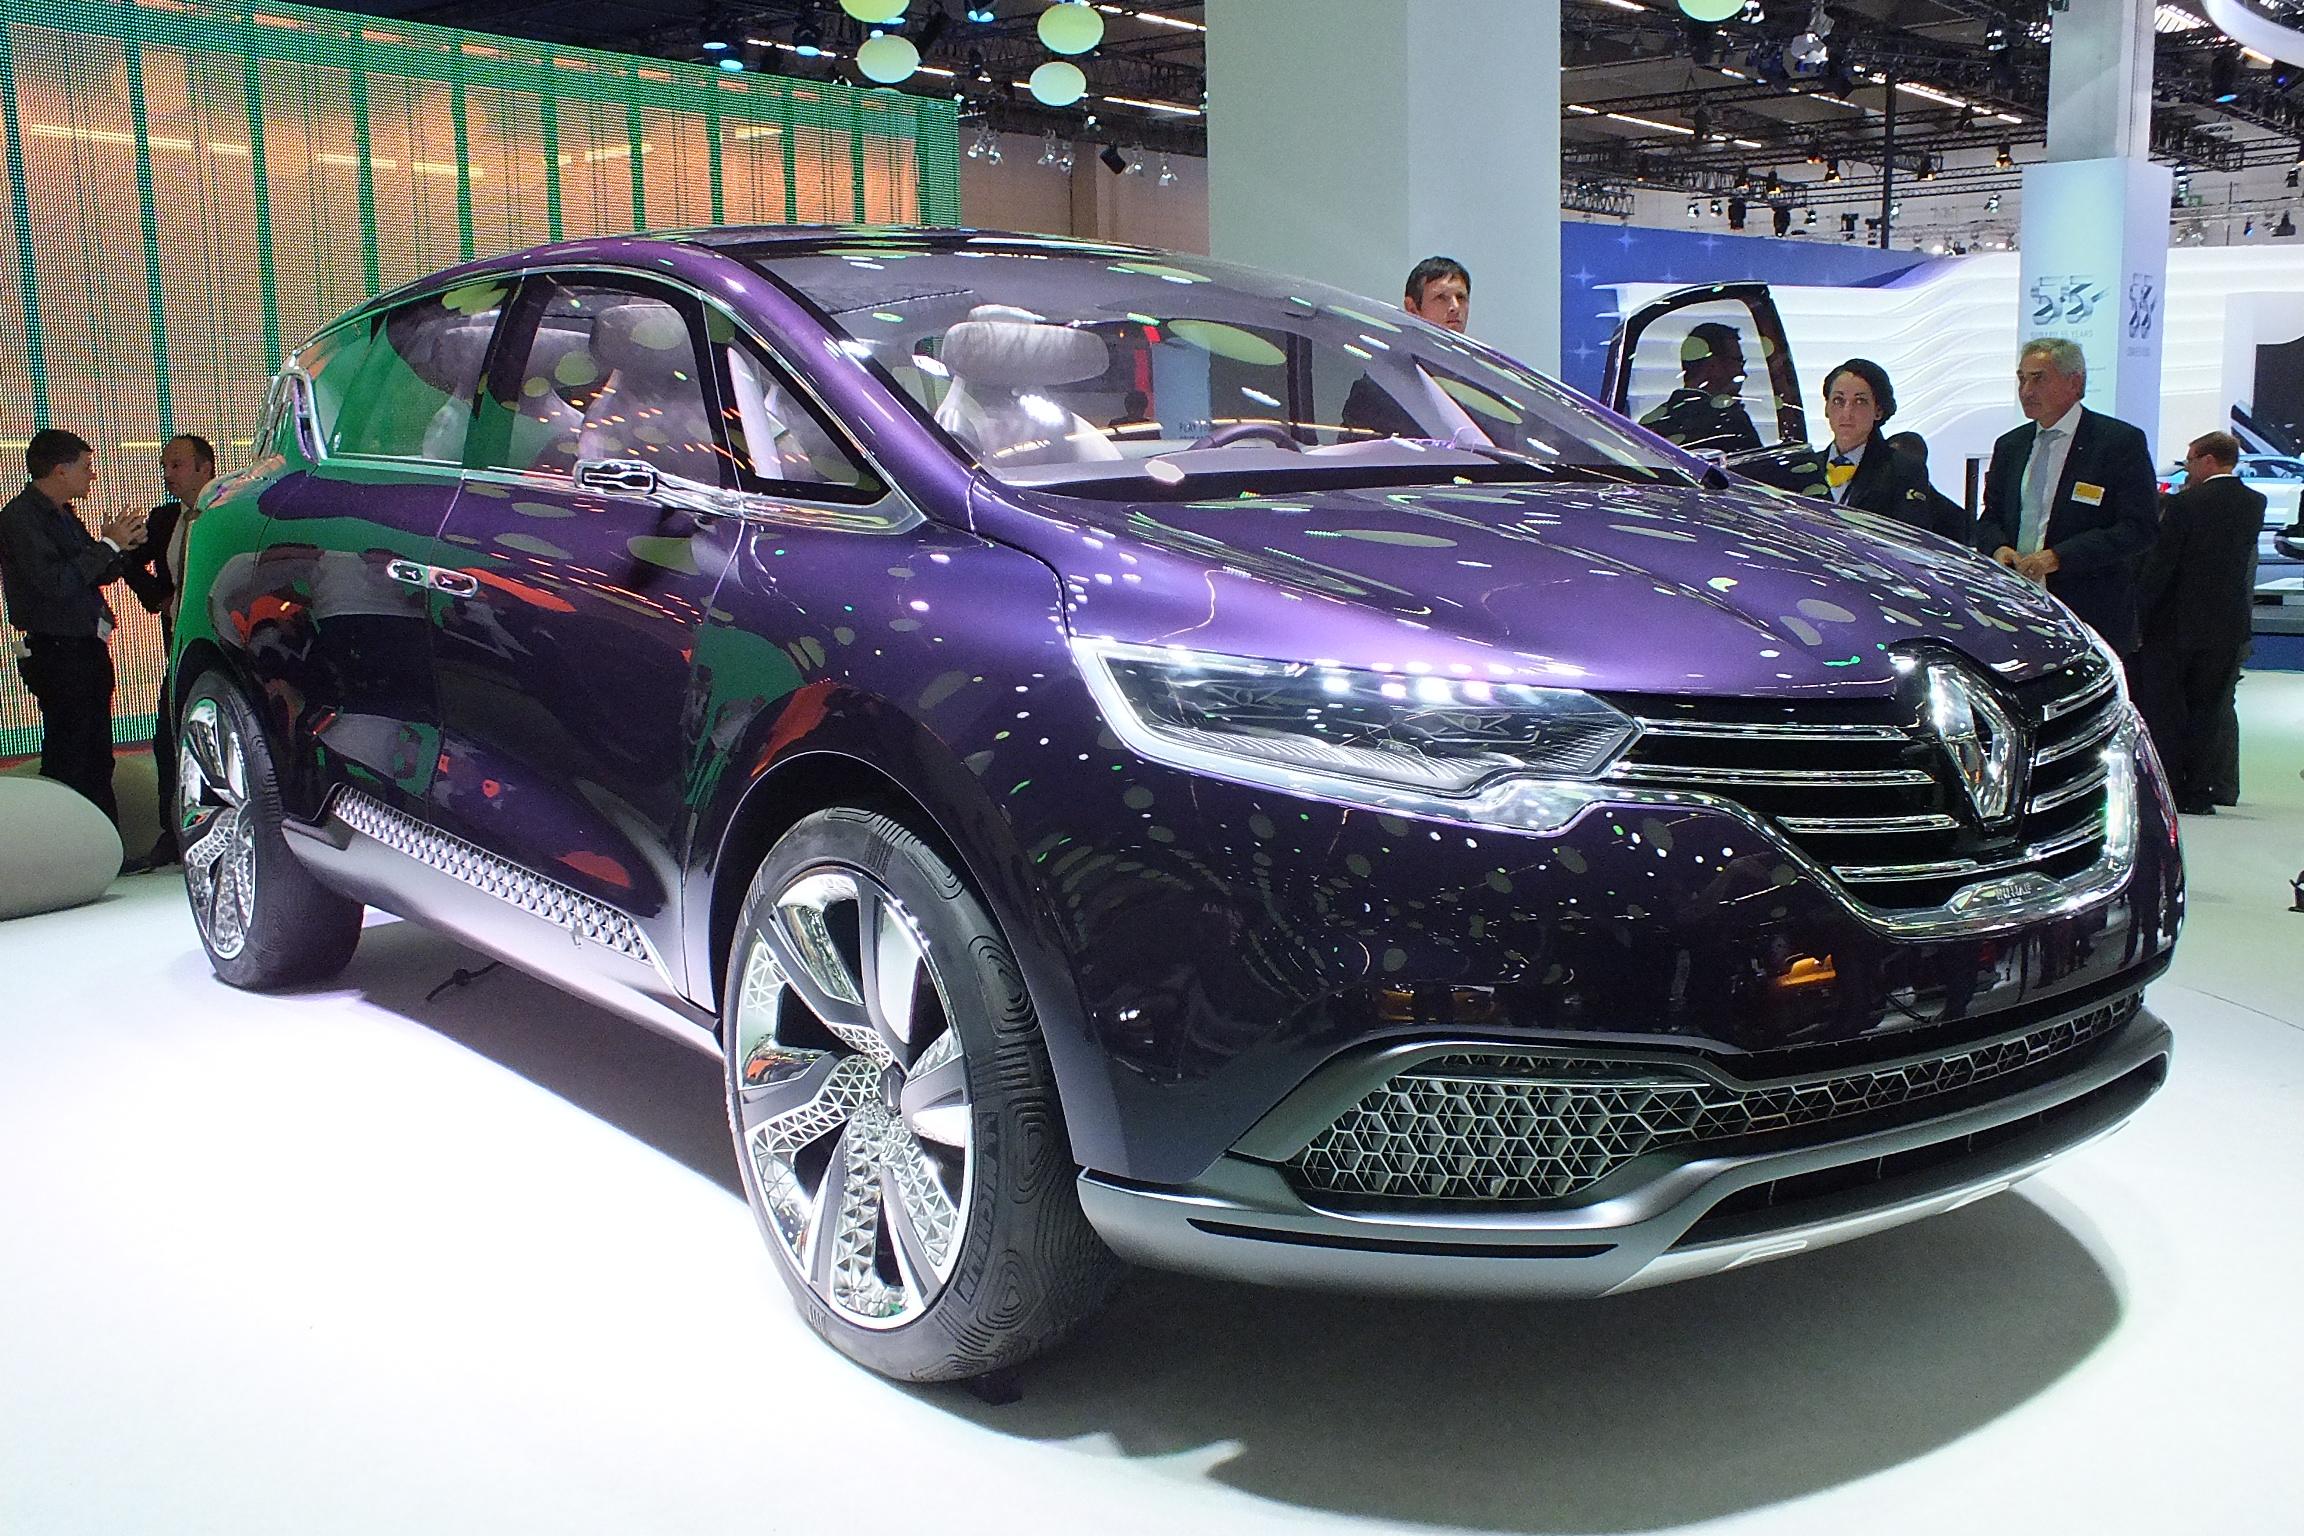 http://images.caradisiac.com/images/9/1/0/0/89100/S0-En-direct-du-salon-de-Francfort-2013-Renault-Concept-Initiale-Paris-le-6e-petale-fait-Bling-302671.jpg